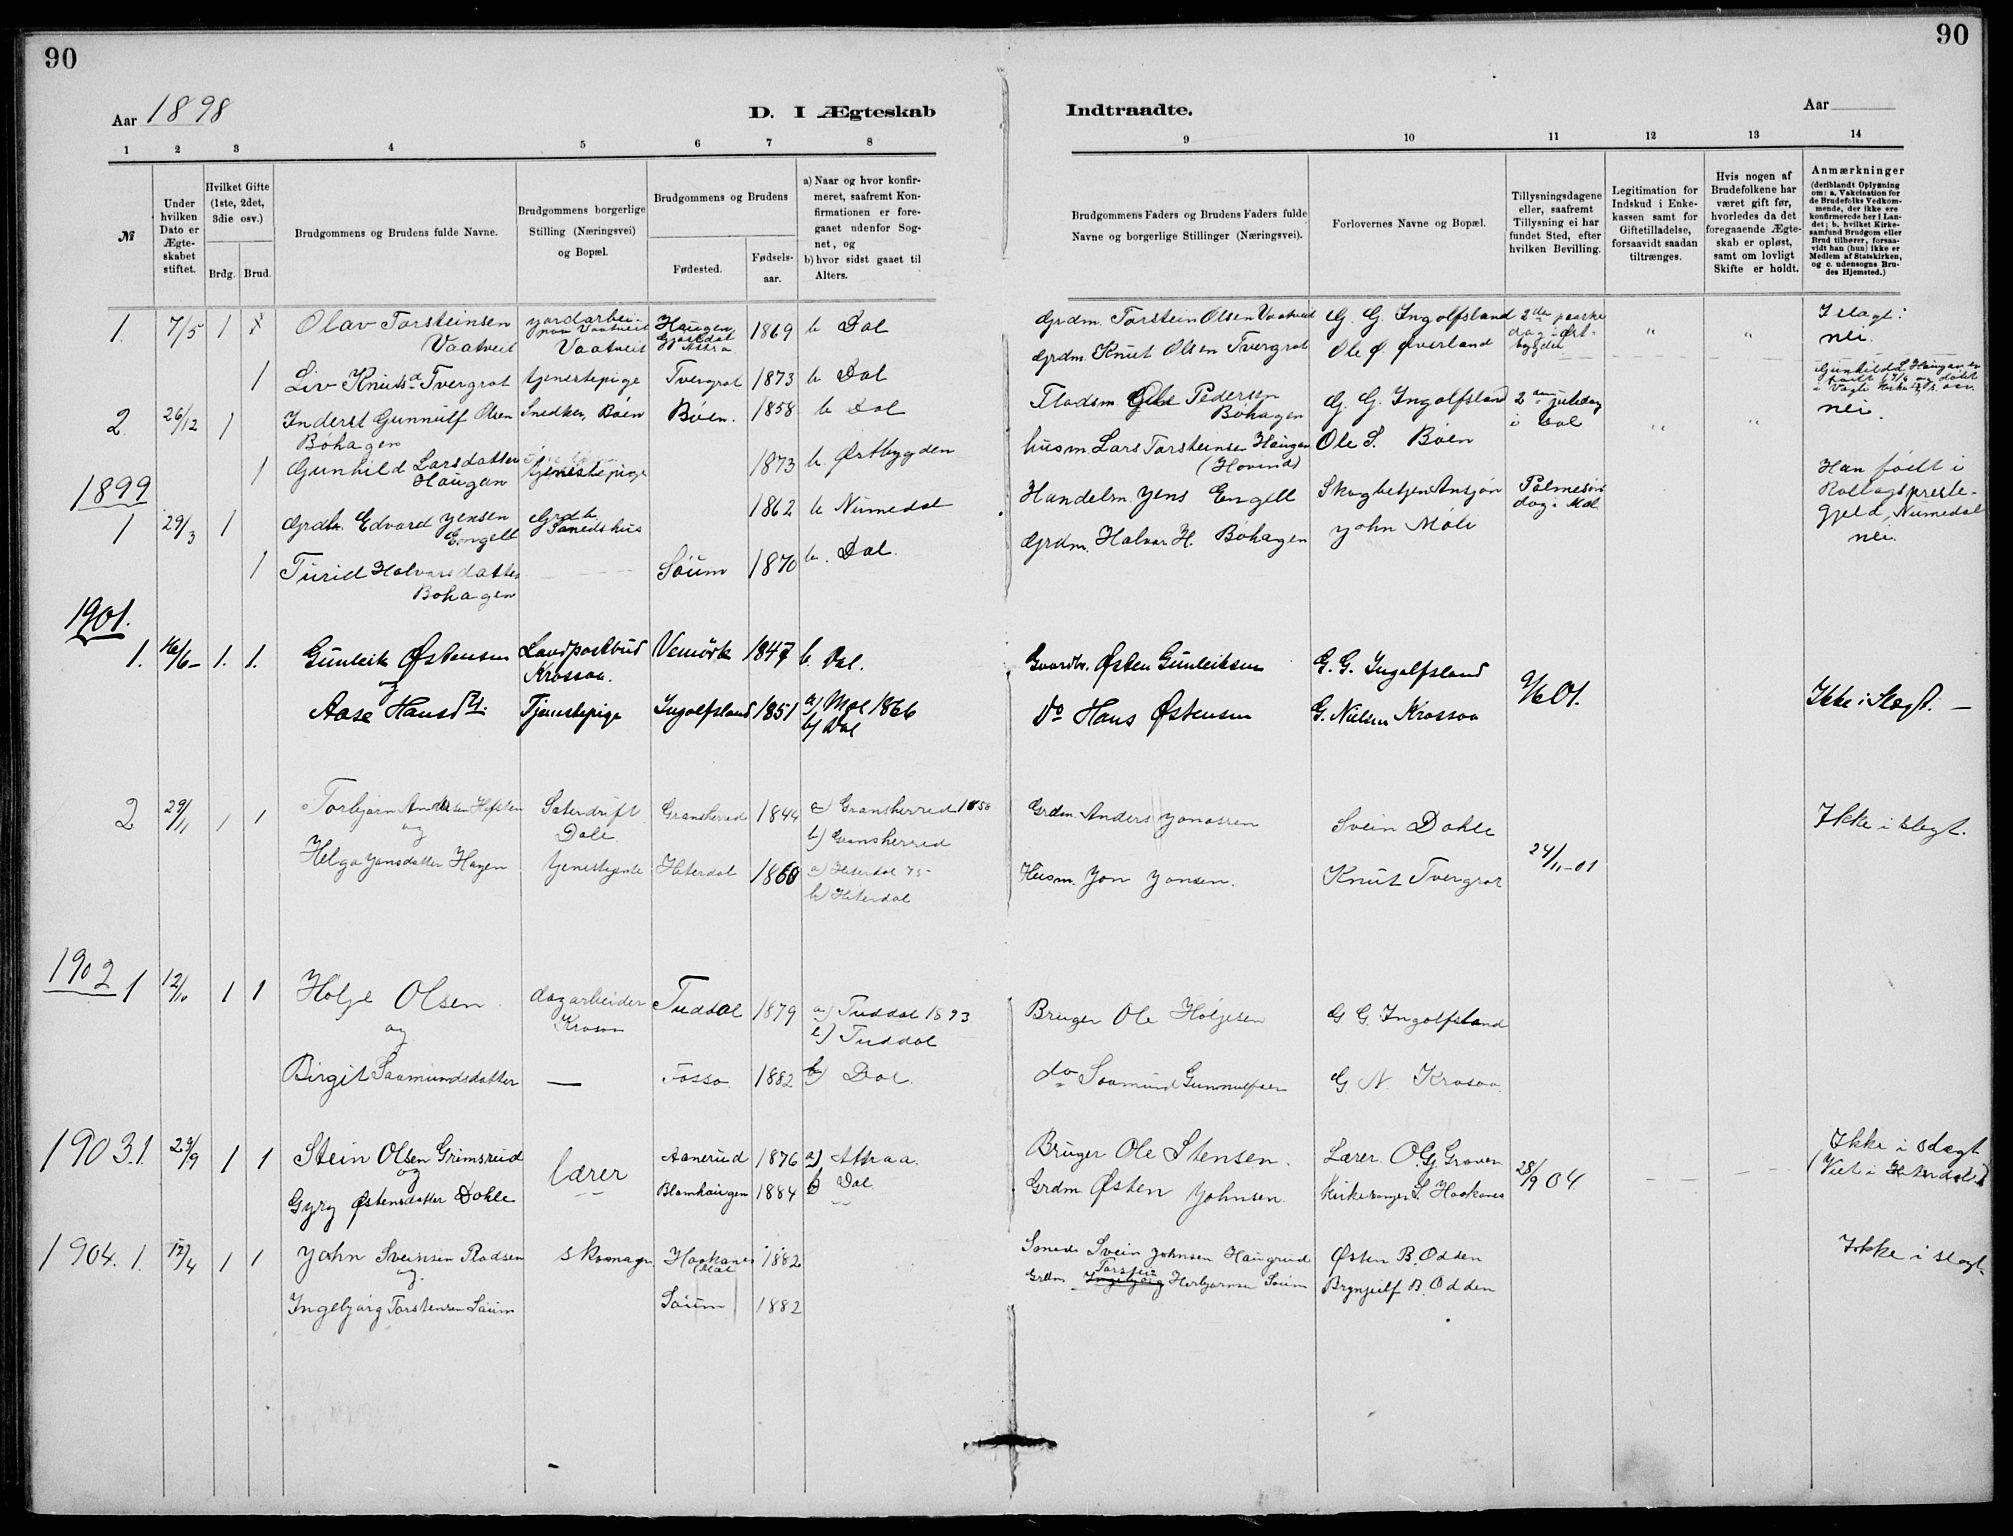 SAKO, Rjukan kirkebøker, G/Ga/L0001: Klokkerbok nr. 1, 1880-1914, s. 90